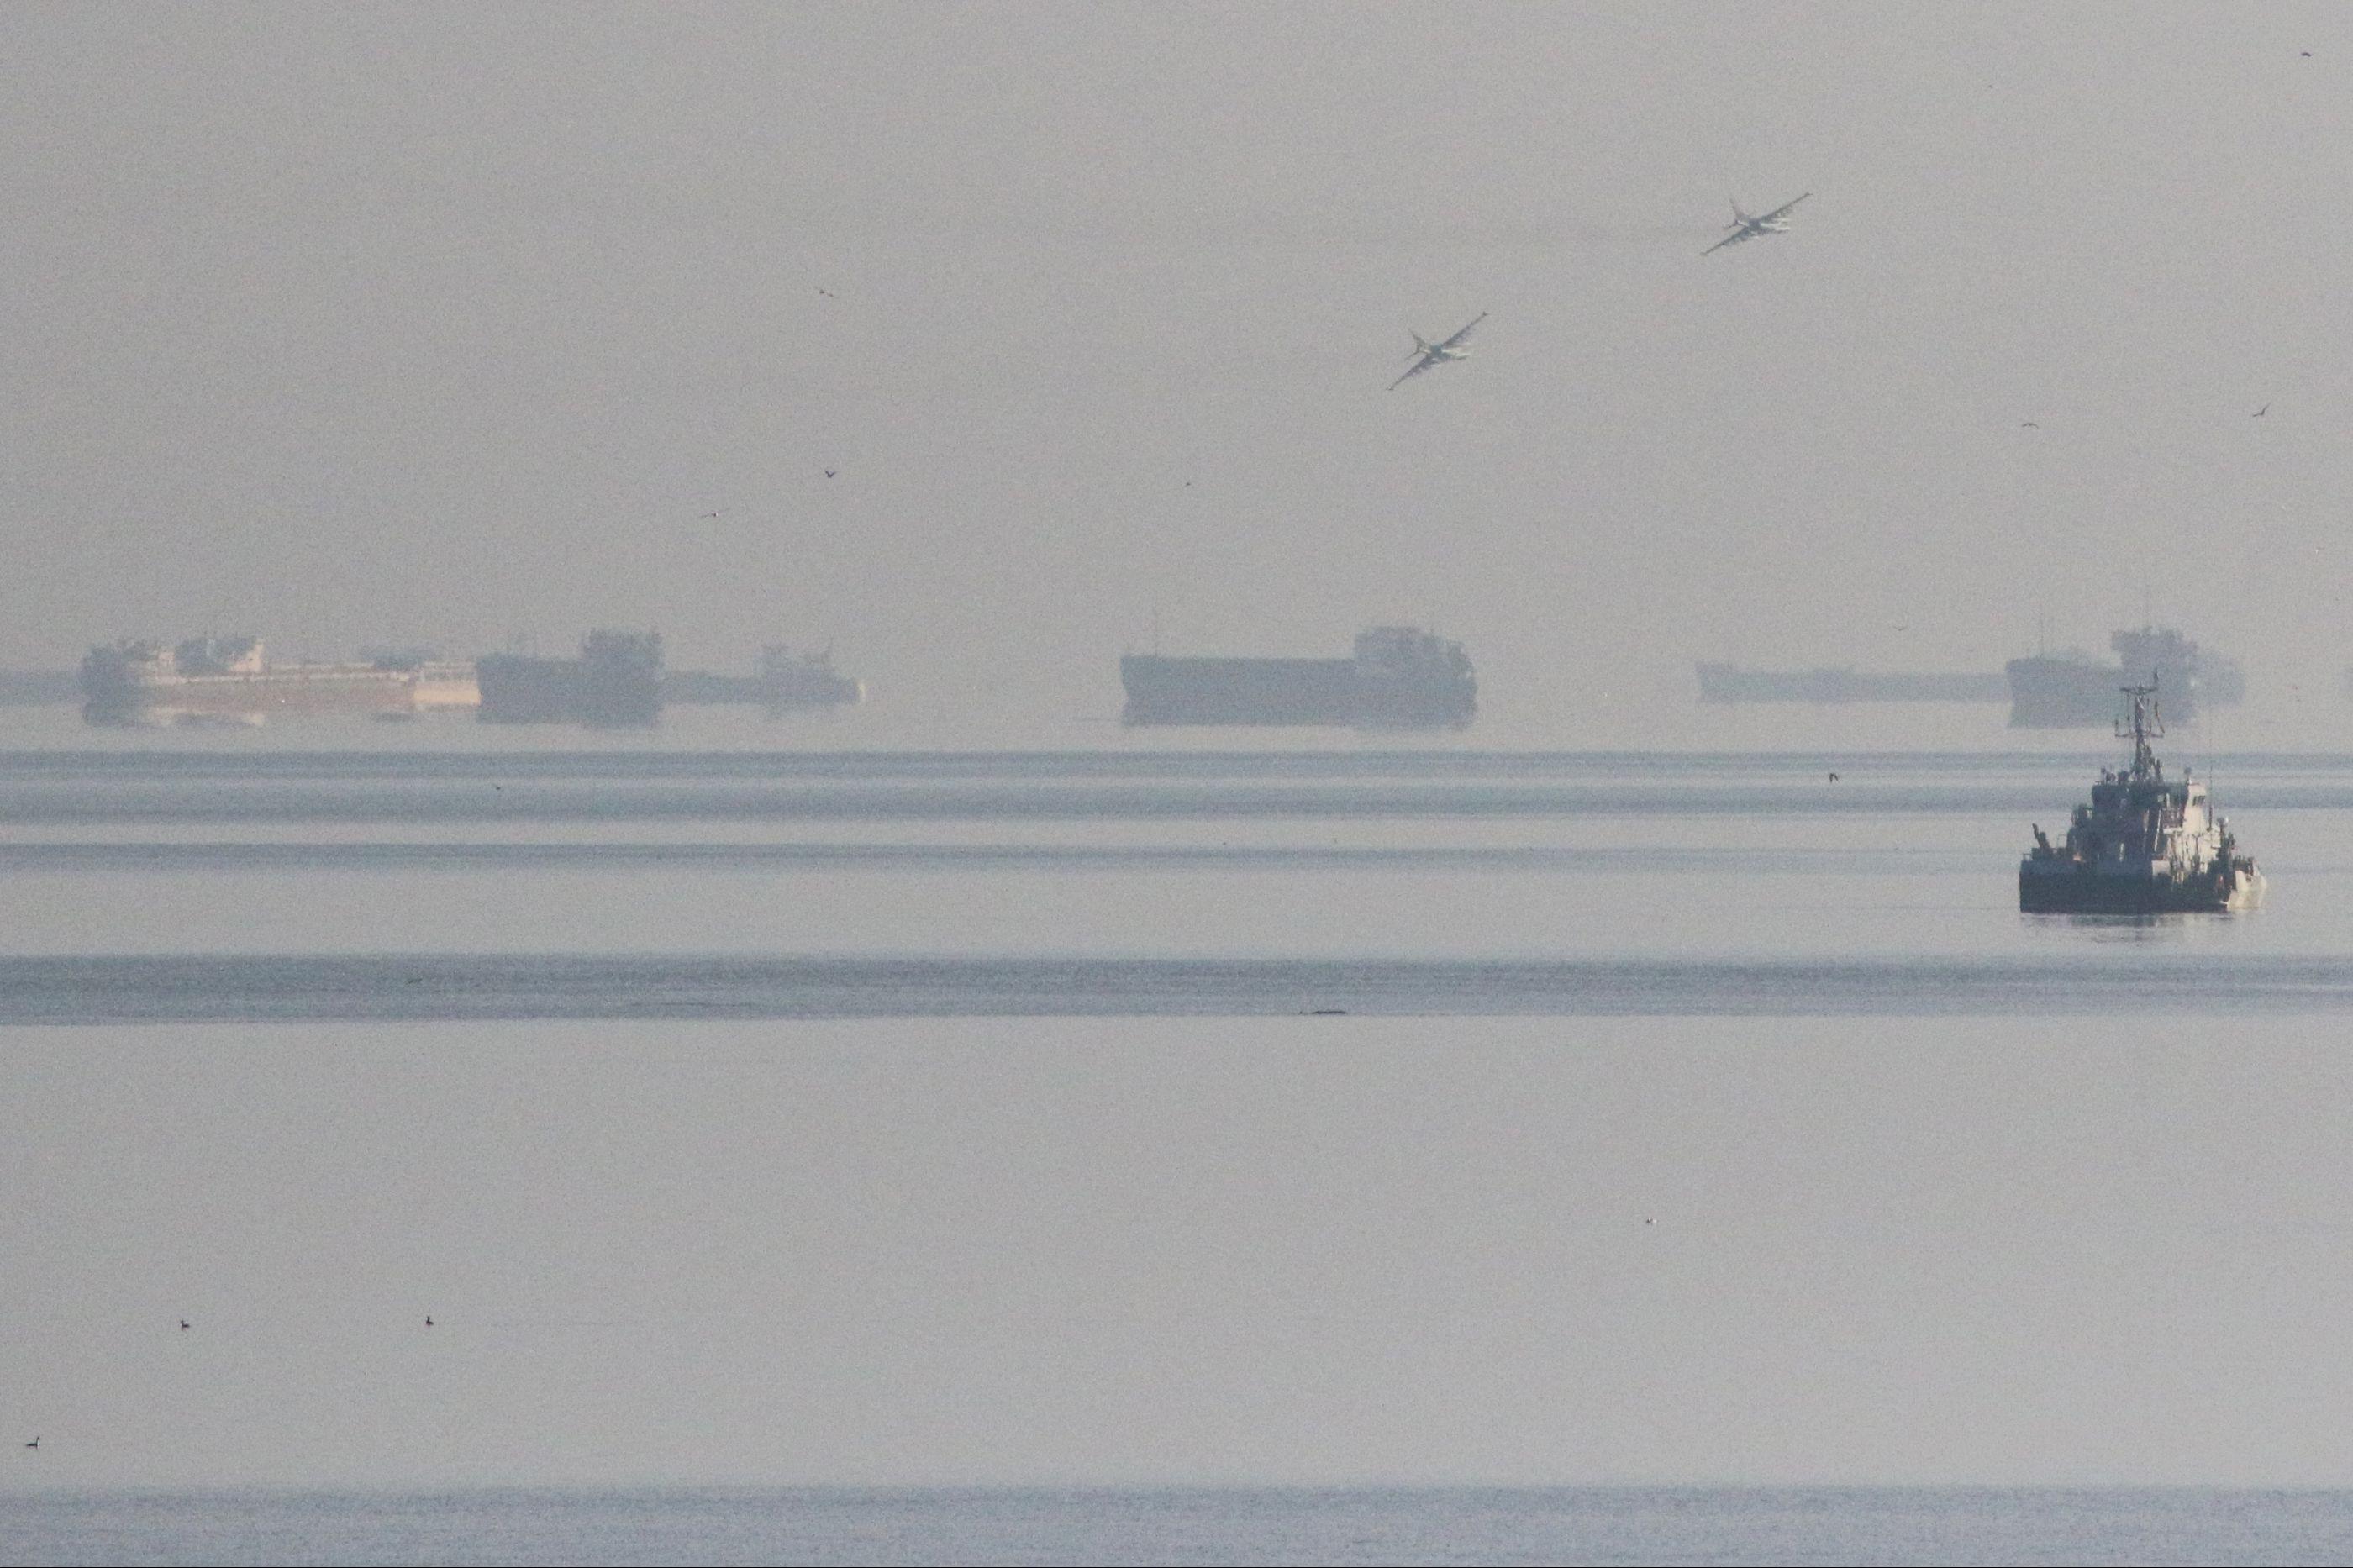 Rússia confirma ataque a três navios ucranianos que provocou três feridos